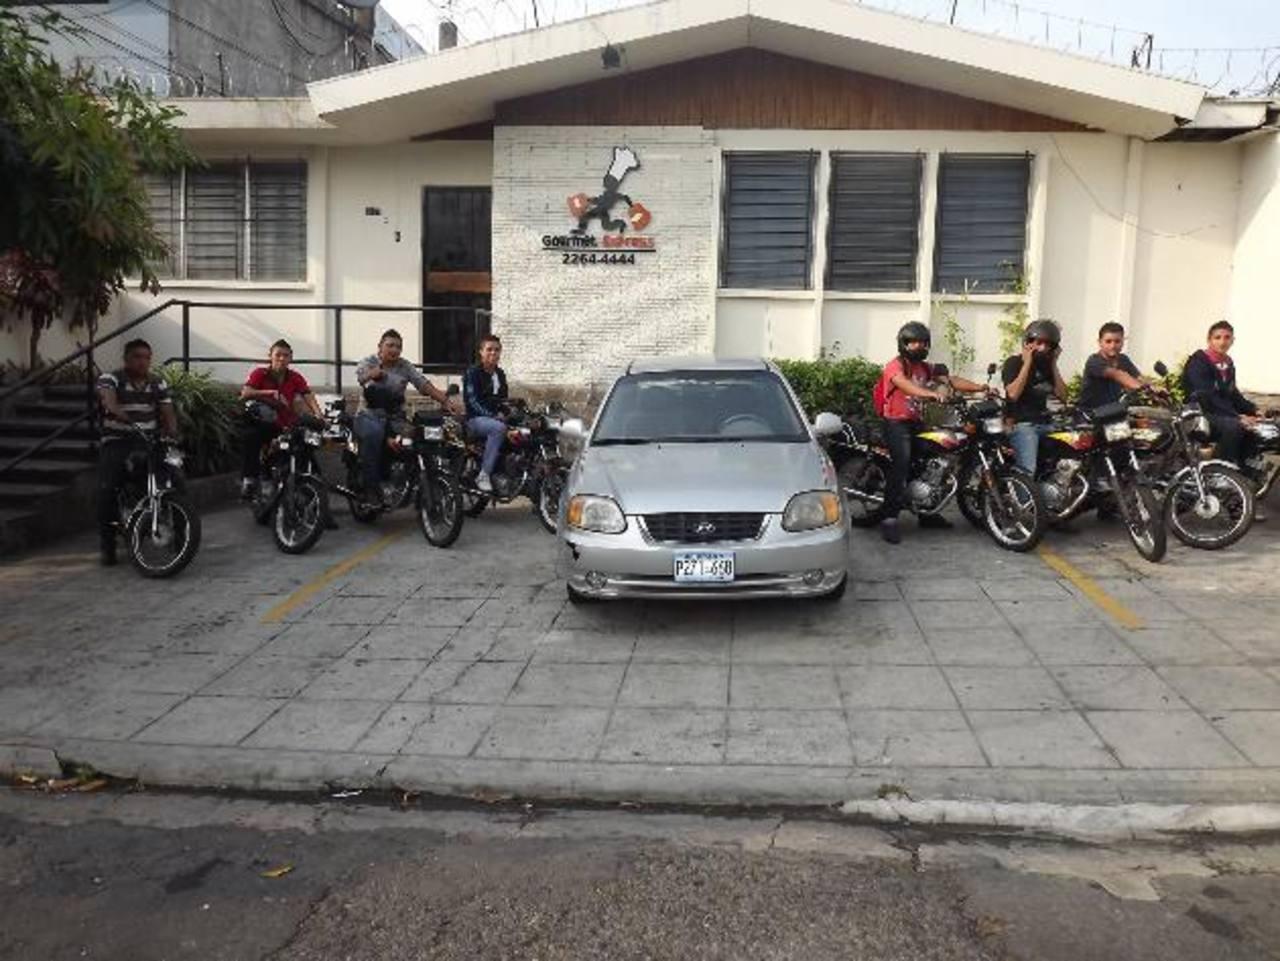 La escuela de motociclistas es el principal proyecto de RSE que Gourmet Express ha implementado gracias a Fundemas. El equipo de Skin está principalmente formado por mujeres, muchas de ellas son madres y valoran la flexibilidad laboral.